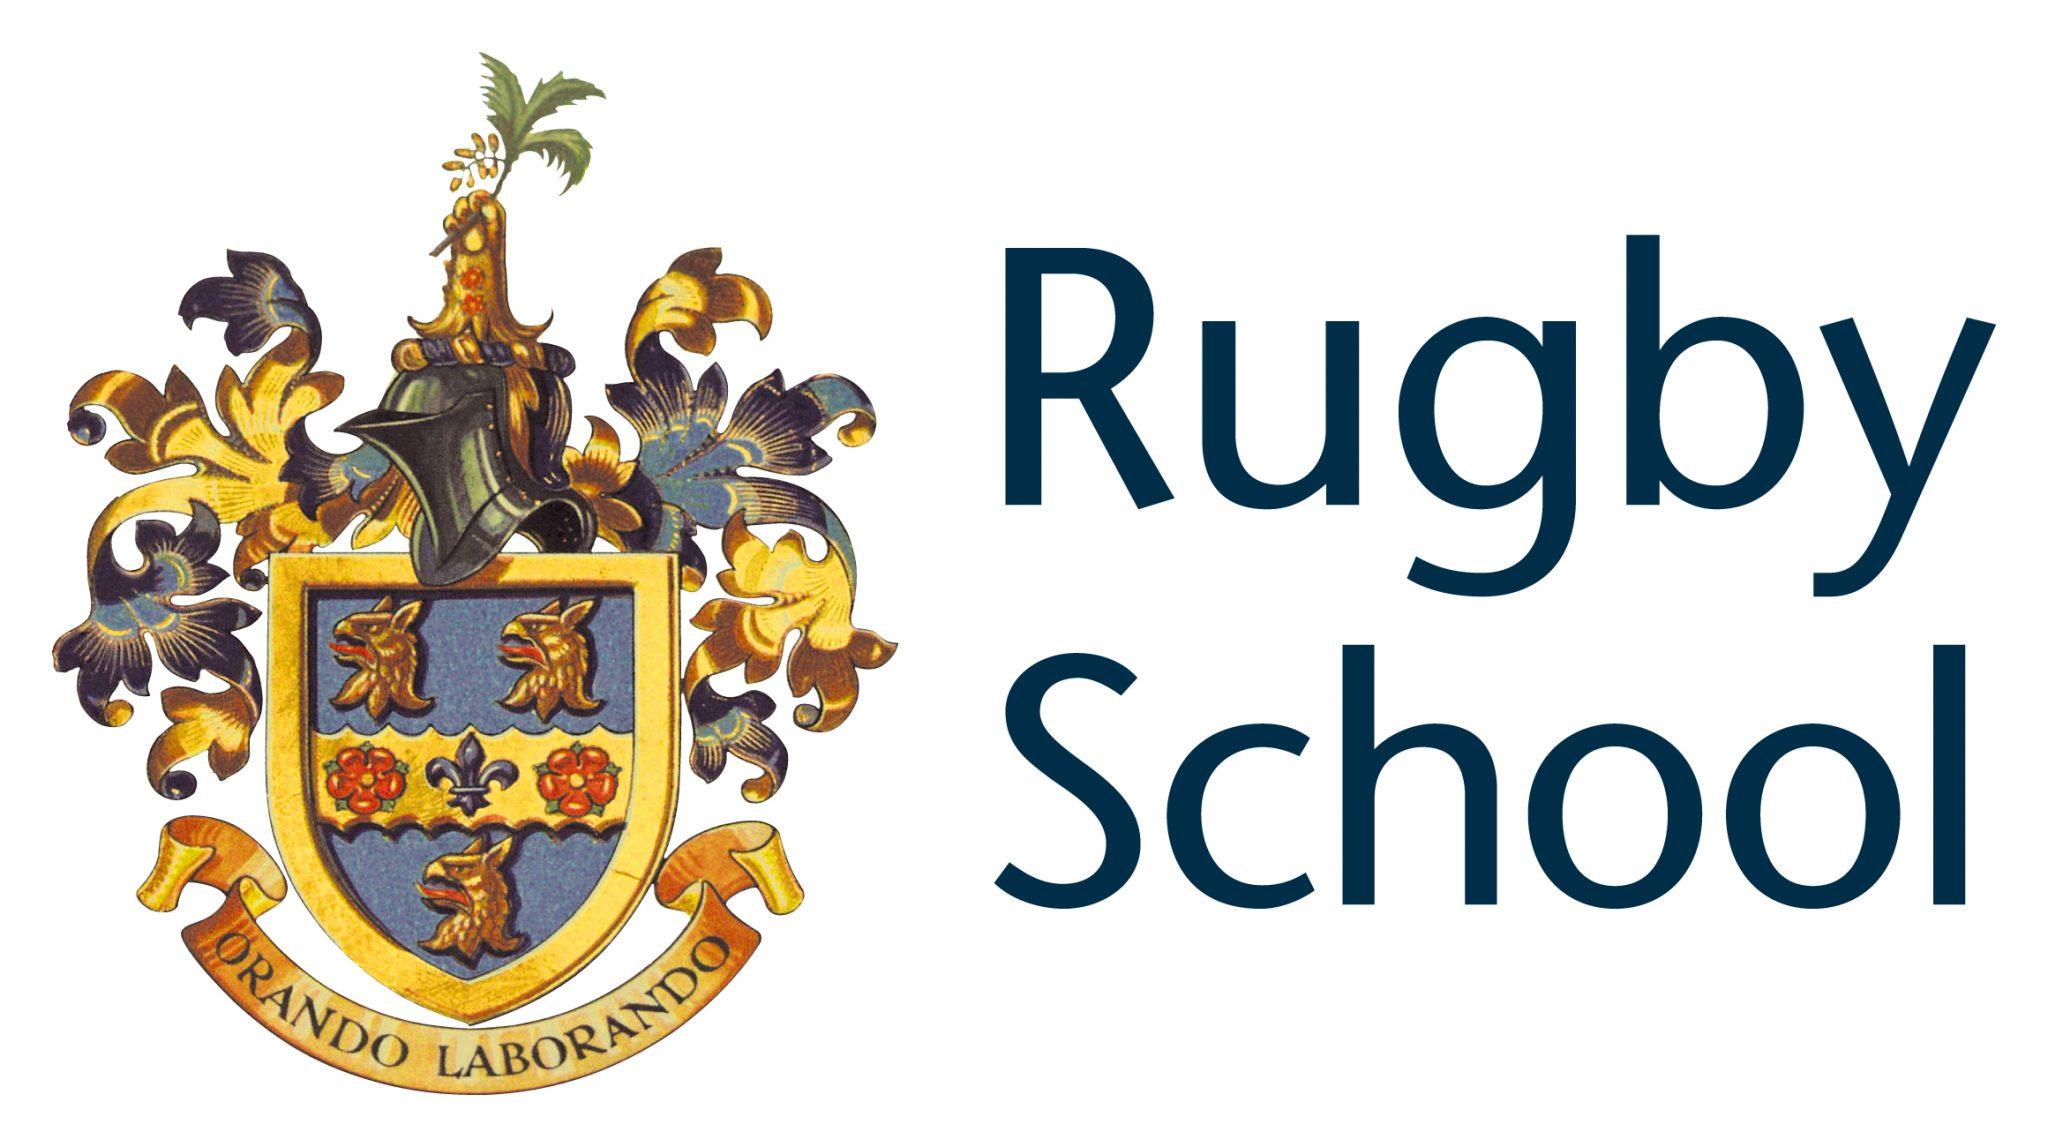 Rugby_School.jpg